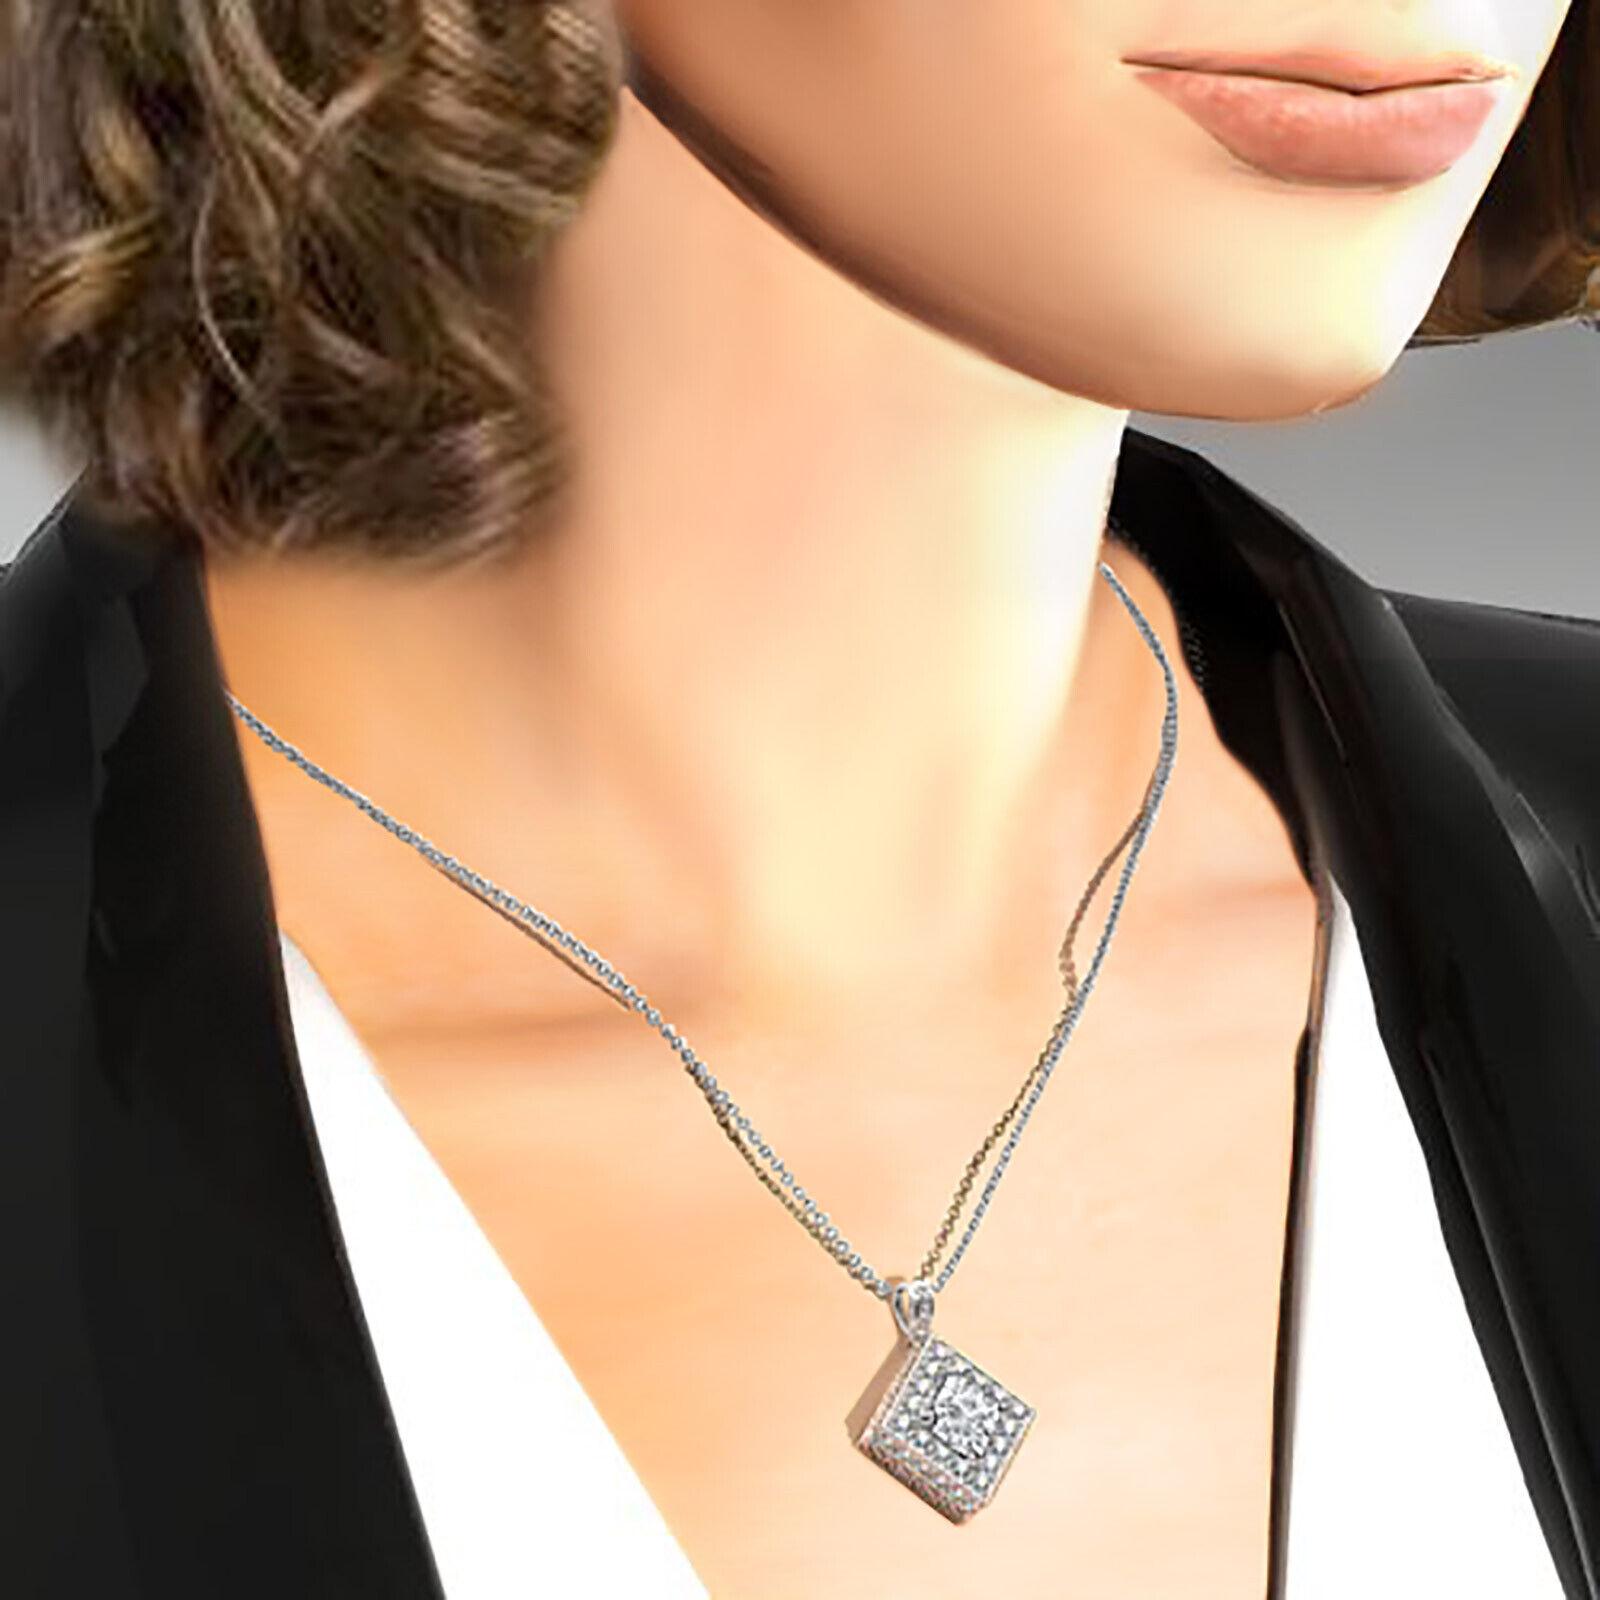 Kite Style Halo Princess 100% Natural Diamond Filigree Pendant Necklace 1.17ctw. 6